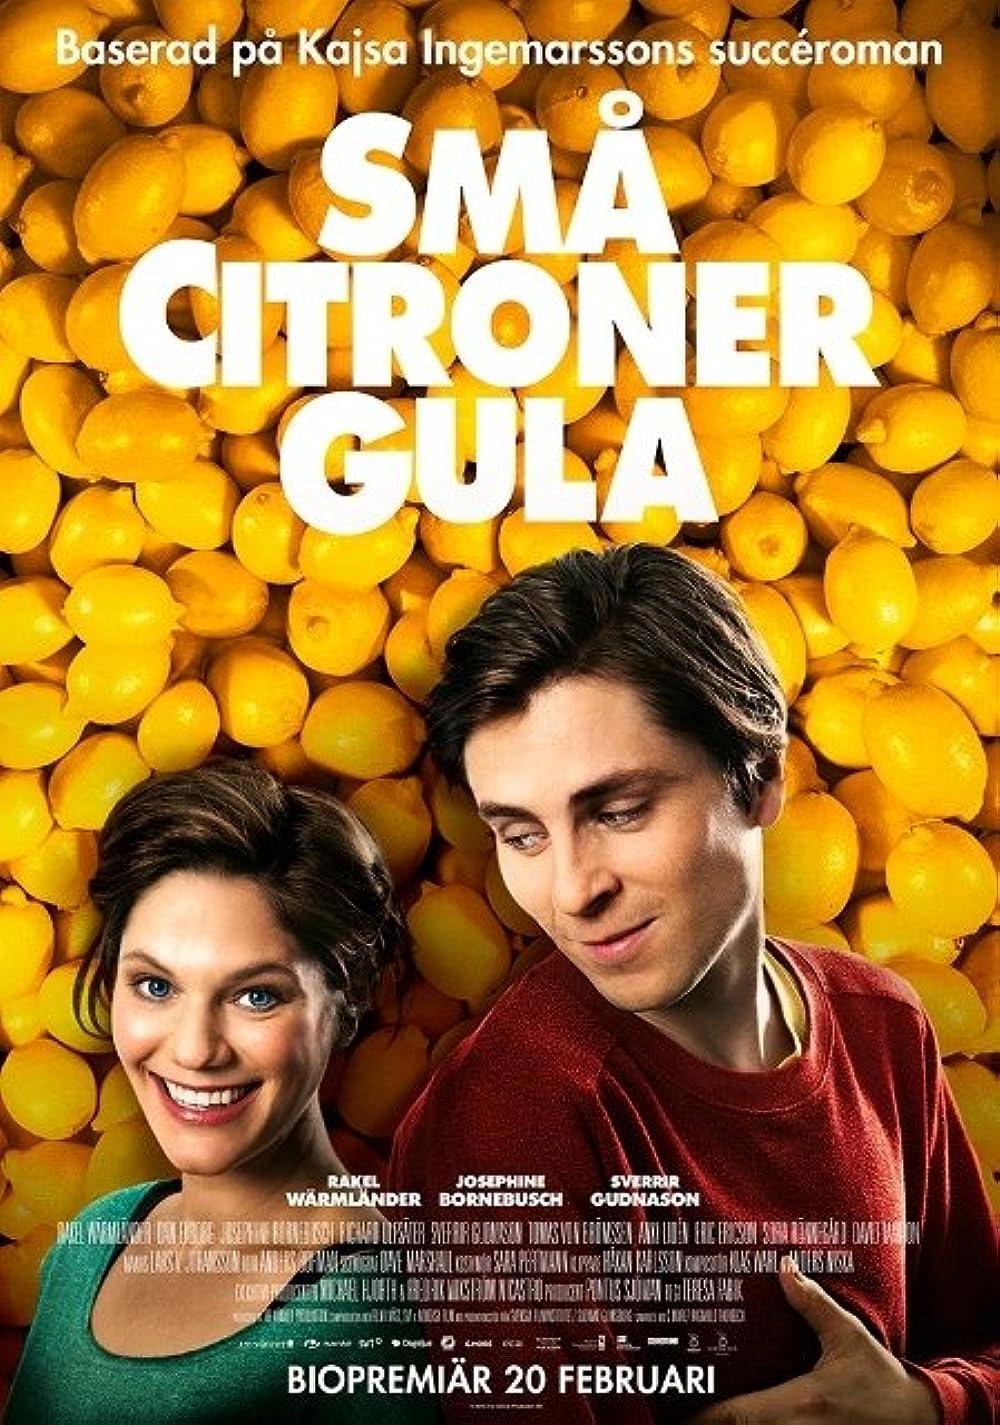 Små citroner gula (2013) - IMDb